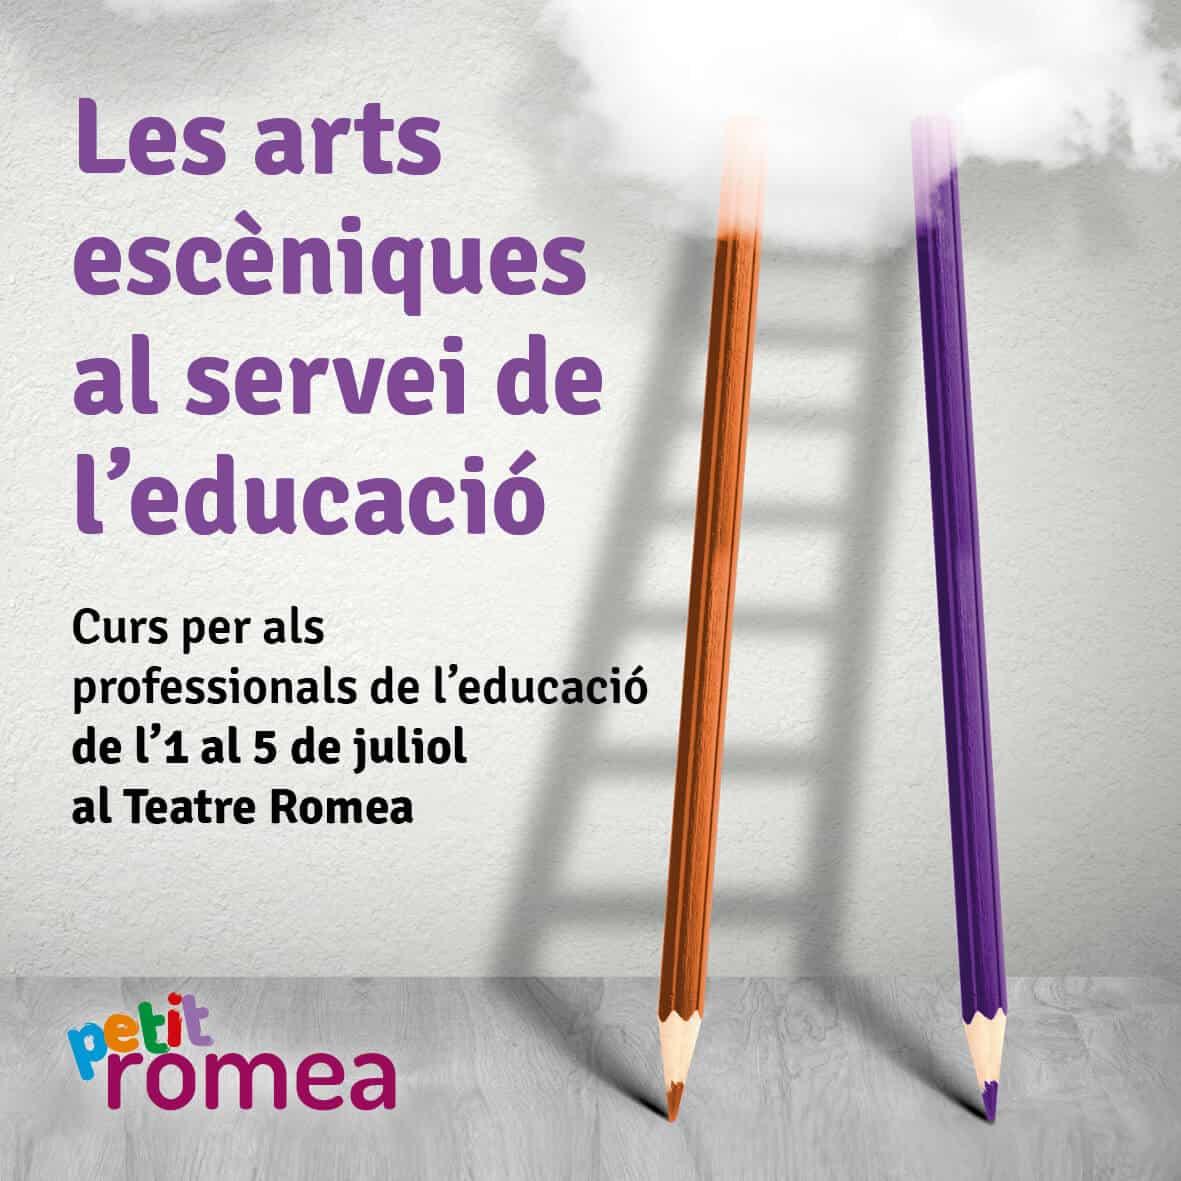 les arts escèniques al servei de l'educació - Viu el Teatre - Petit Romea